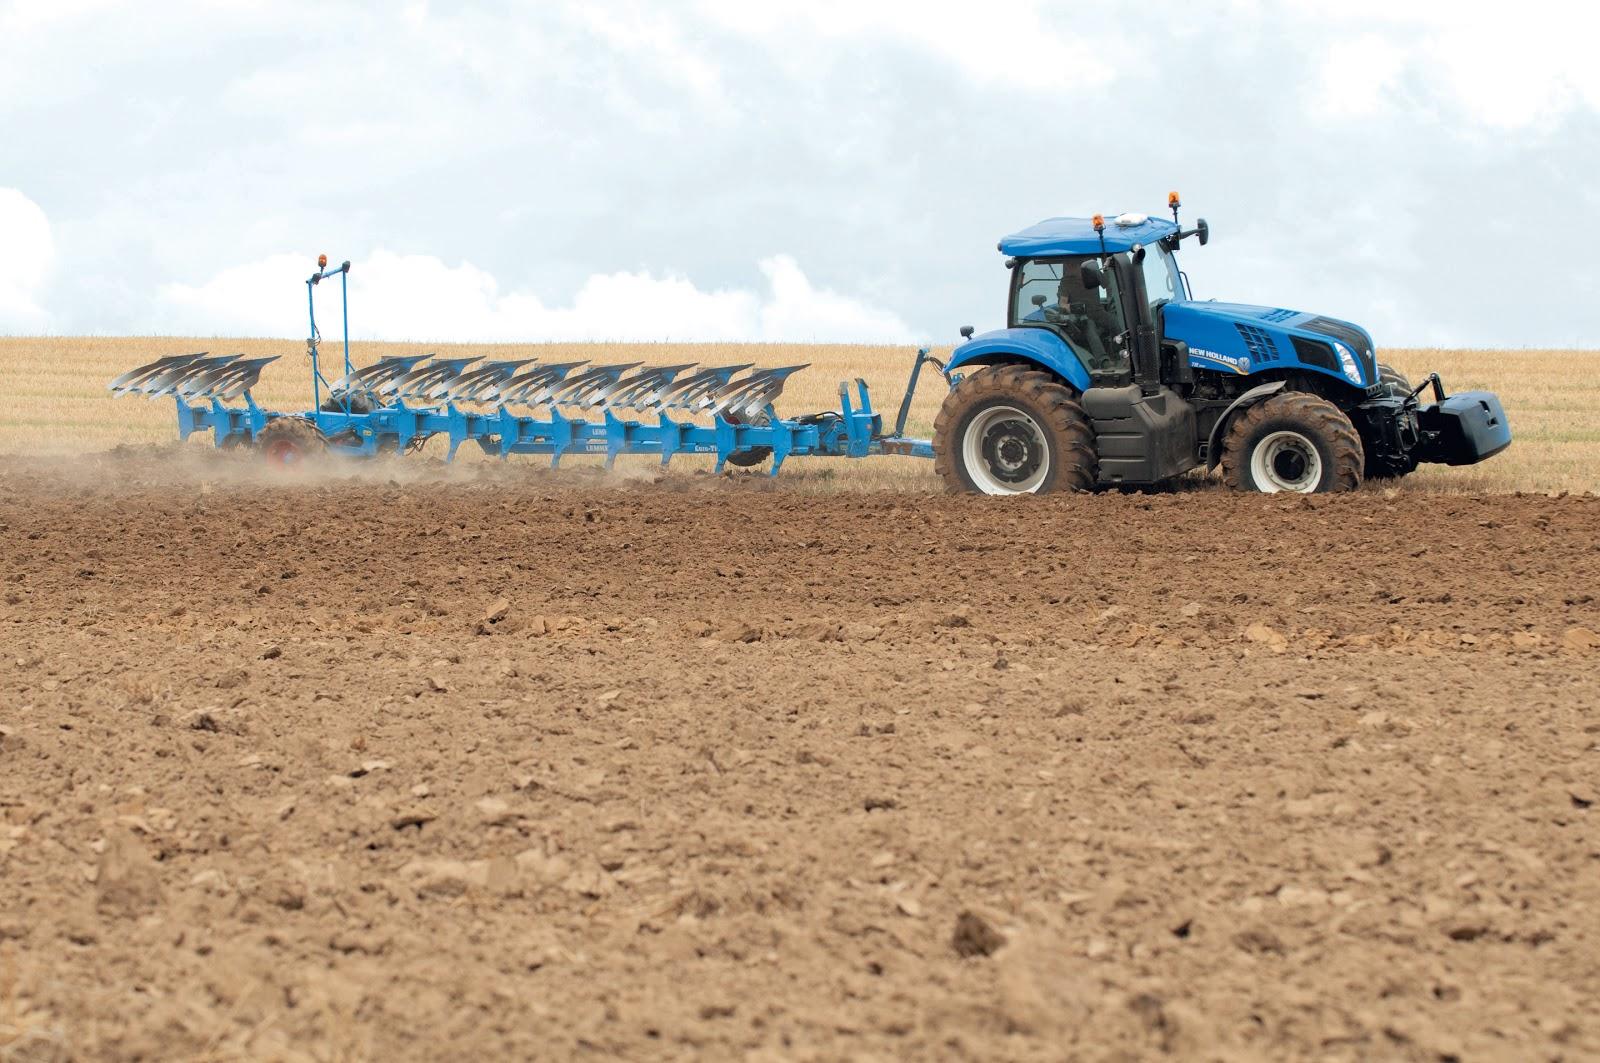 Circuito Hidraulico Mixto : Más que máquinas agrícolas: el detalle importa. sistema hidrÁulico